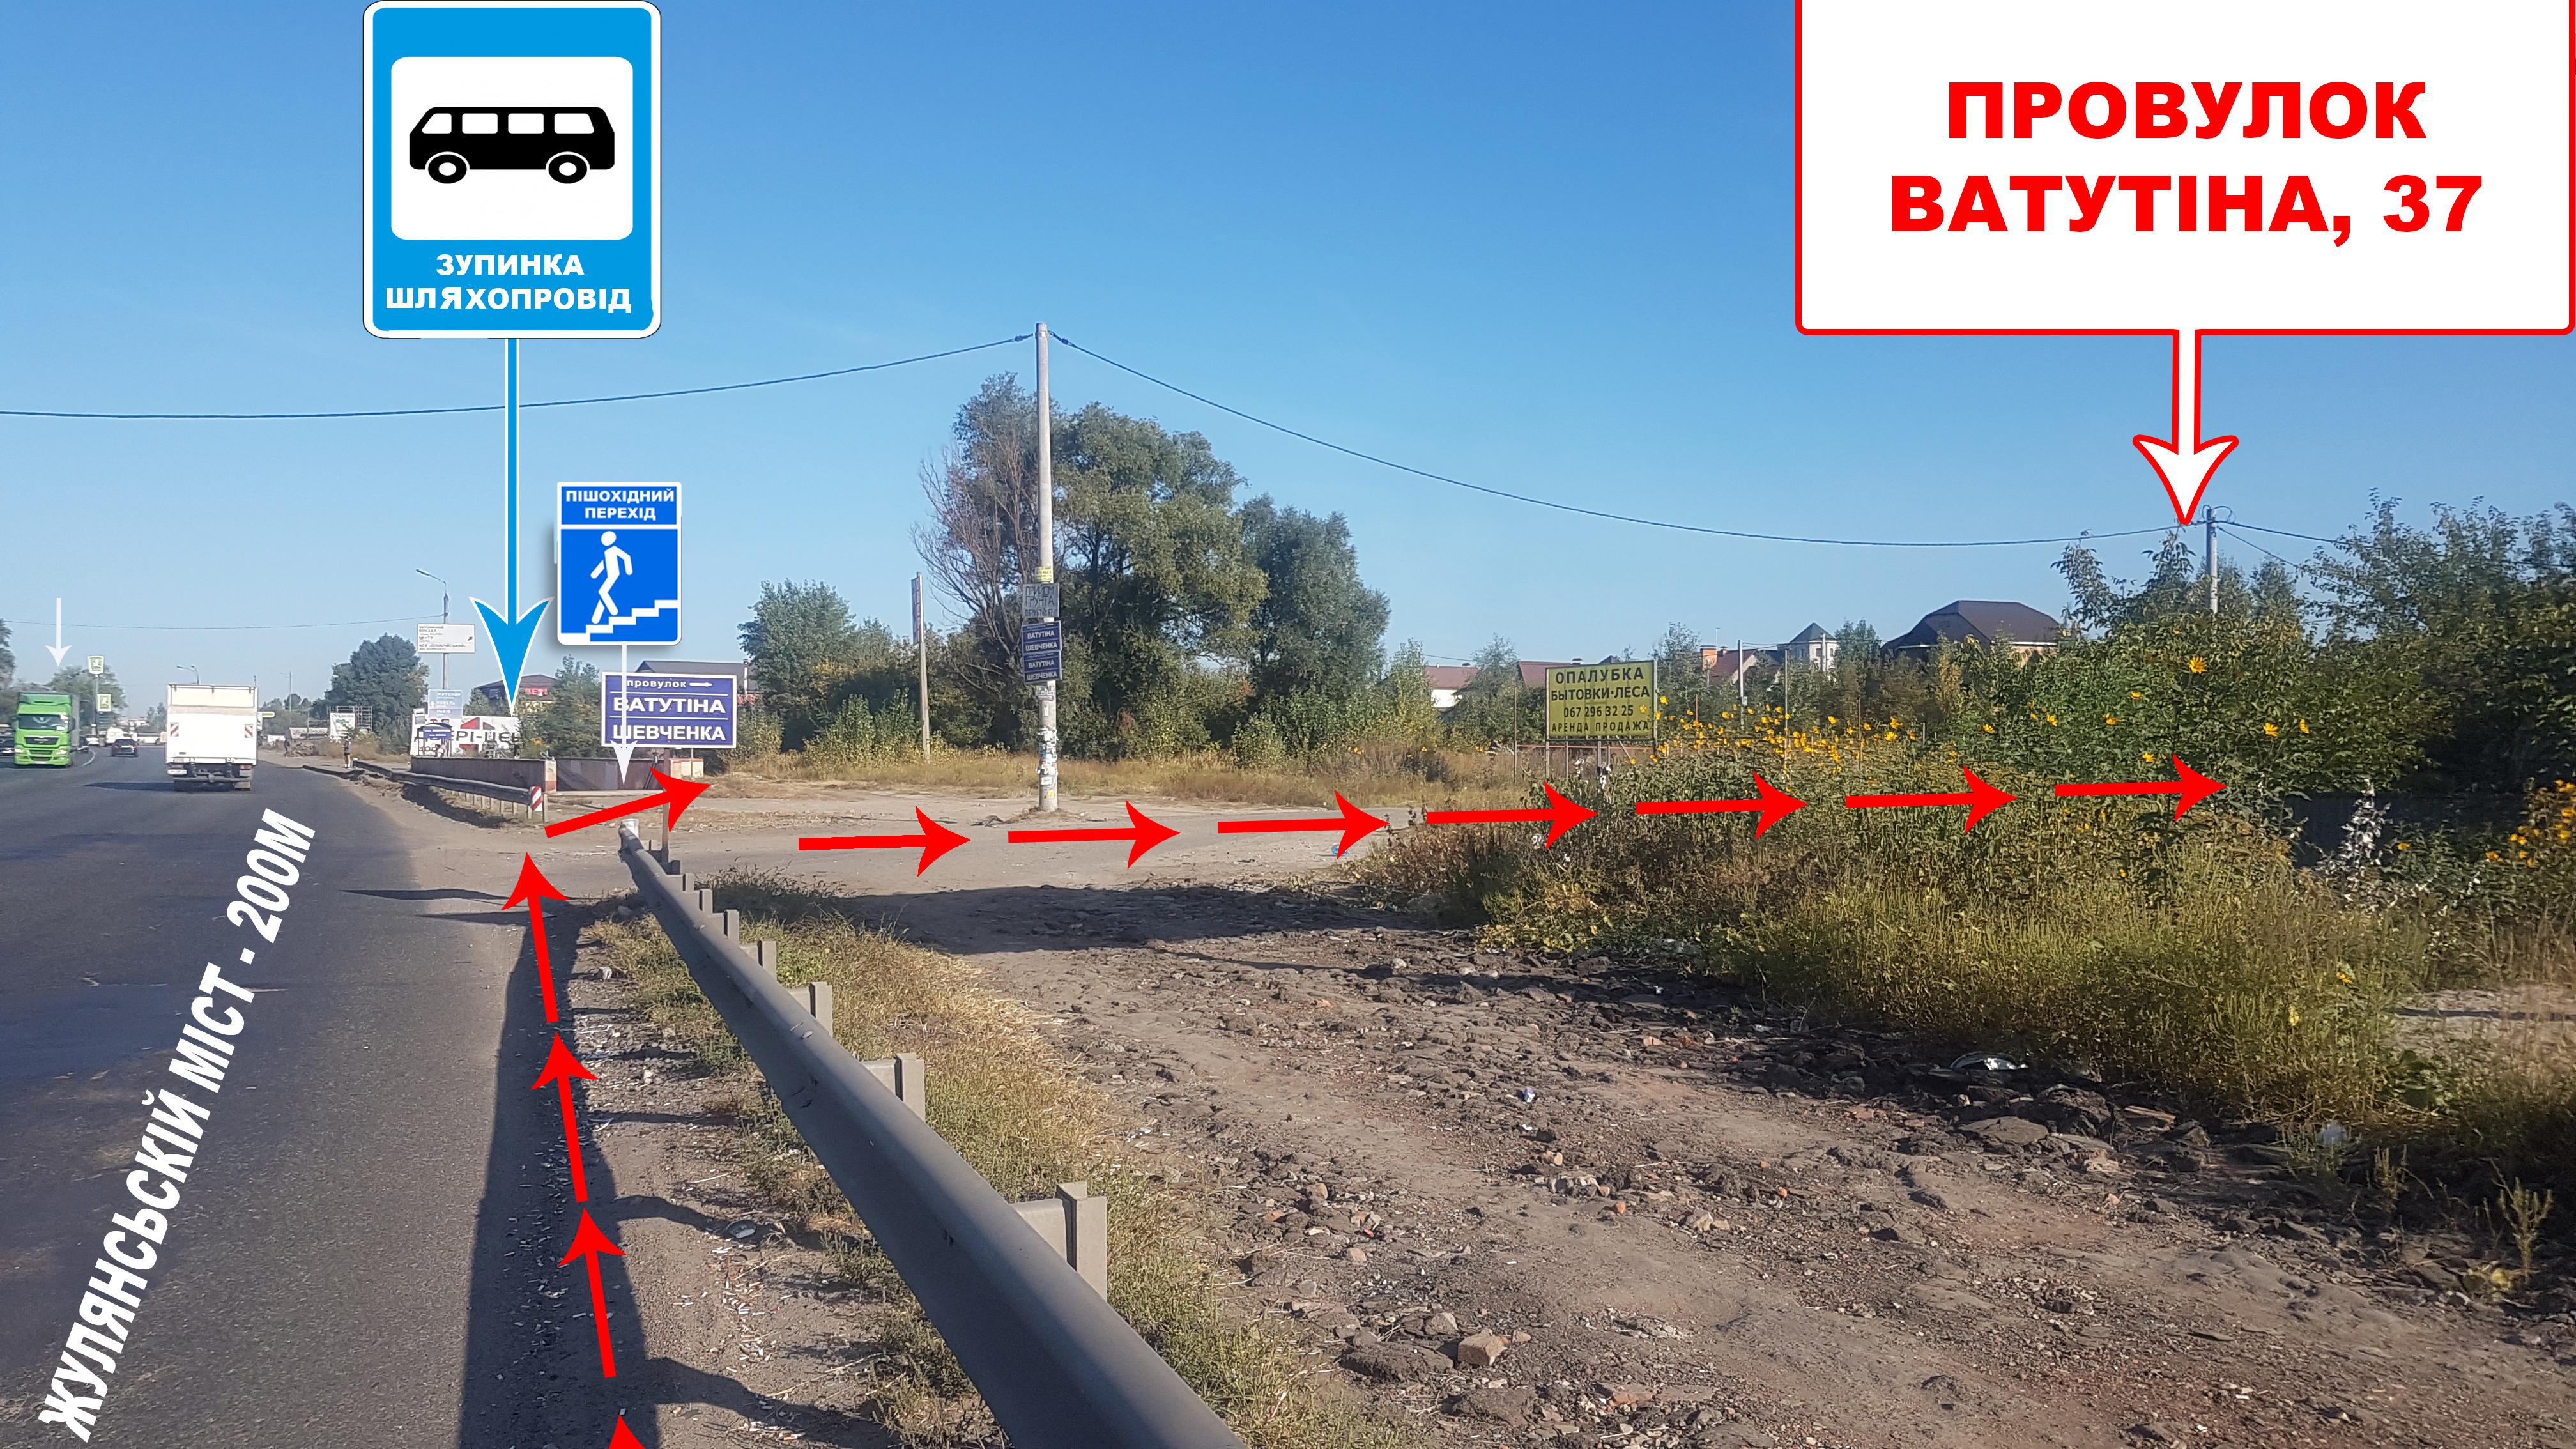 г. Киев, СТО, Переулок Ватутина, 37 Провулок Ватутіна, 37.